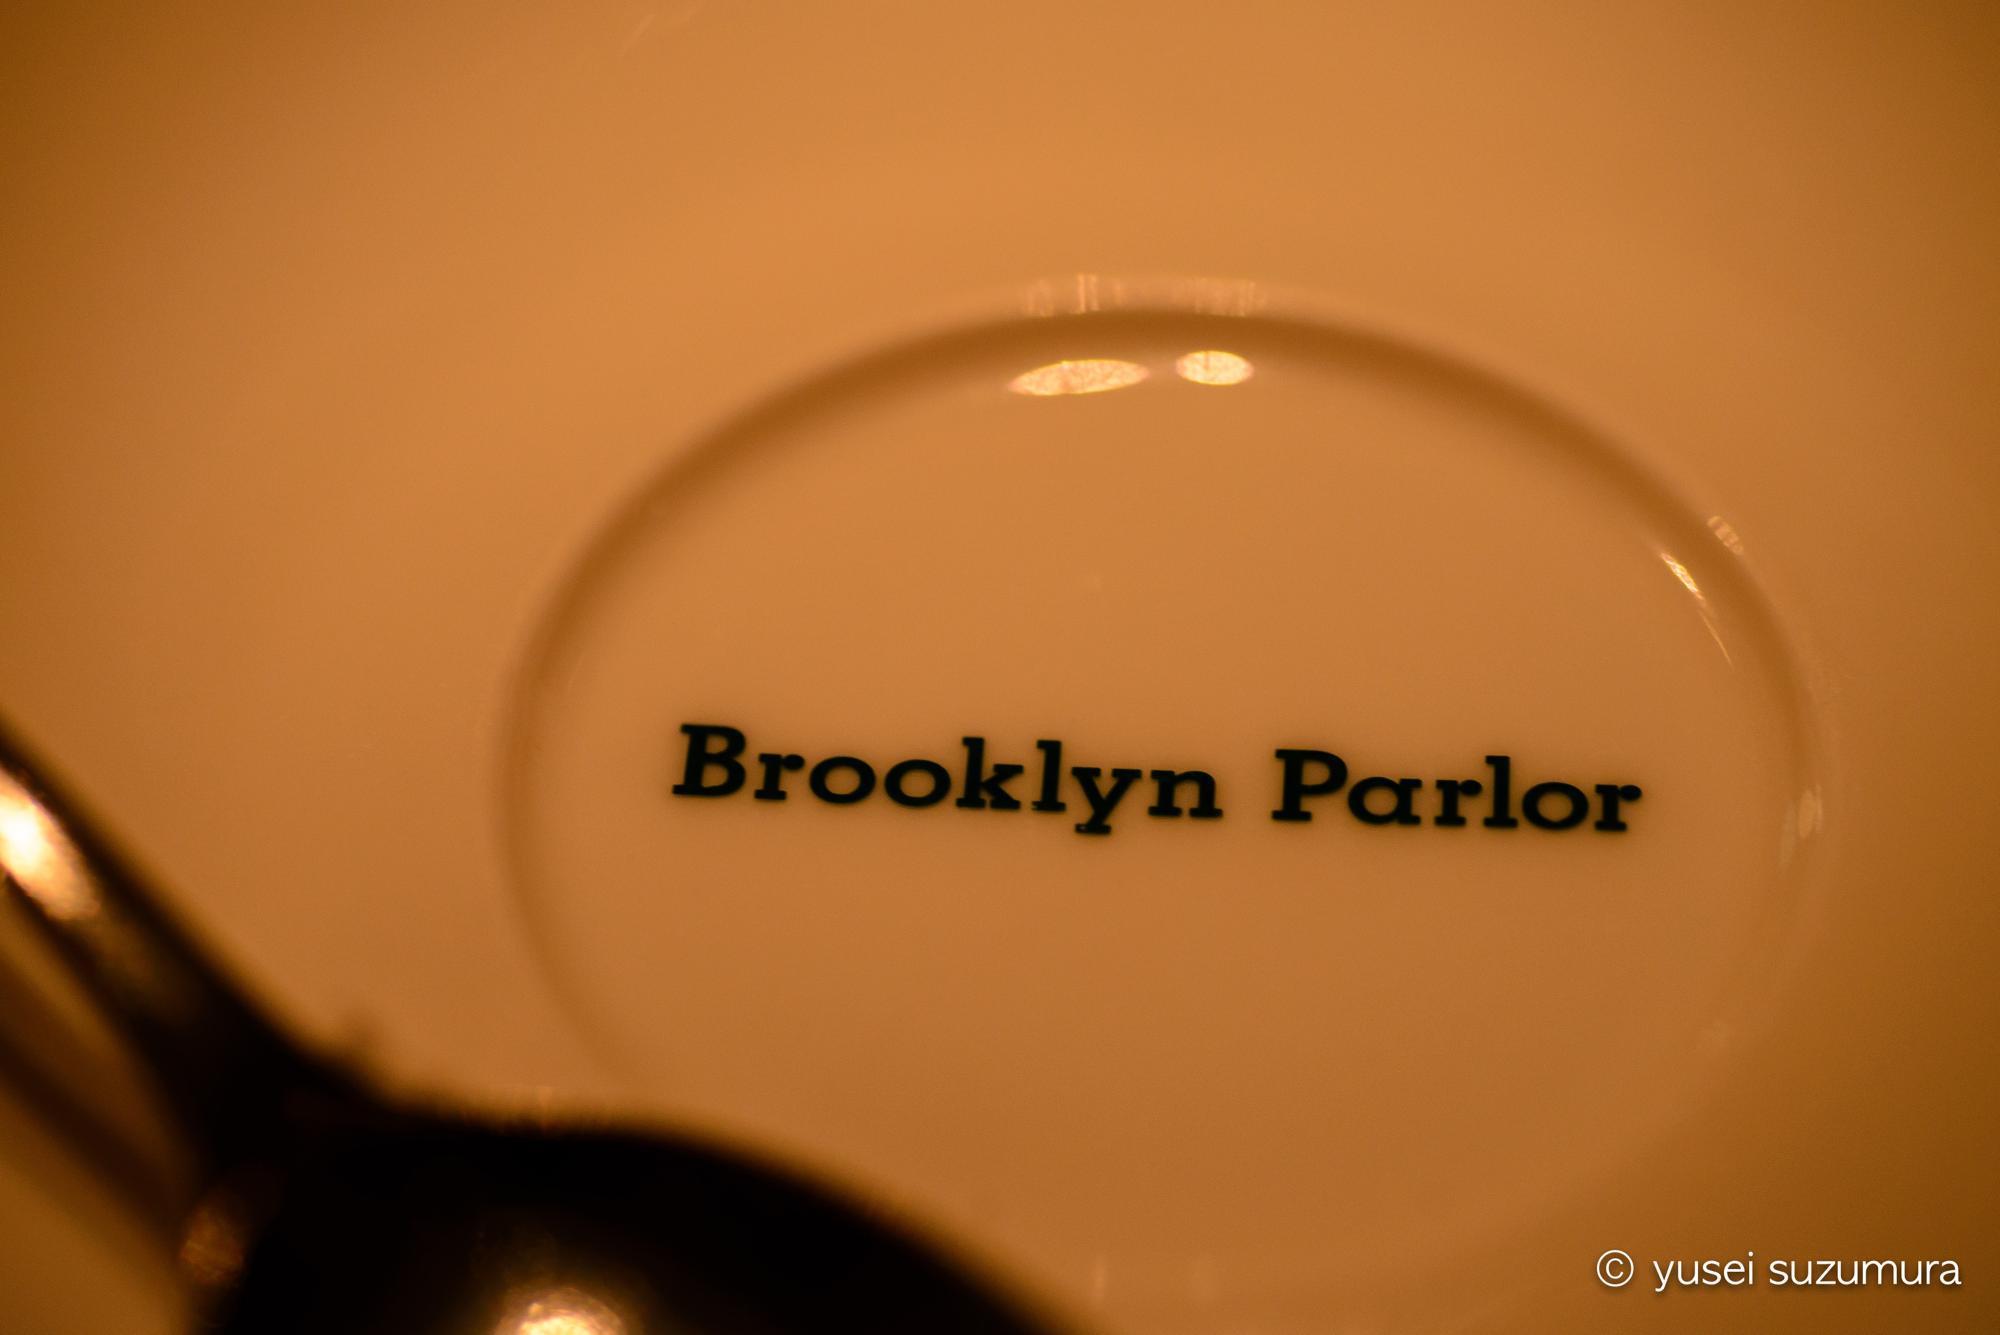 ブルックリンパーラーのプレート